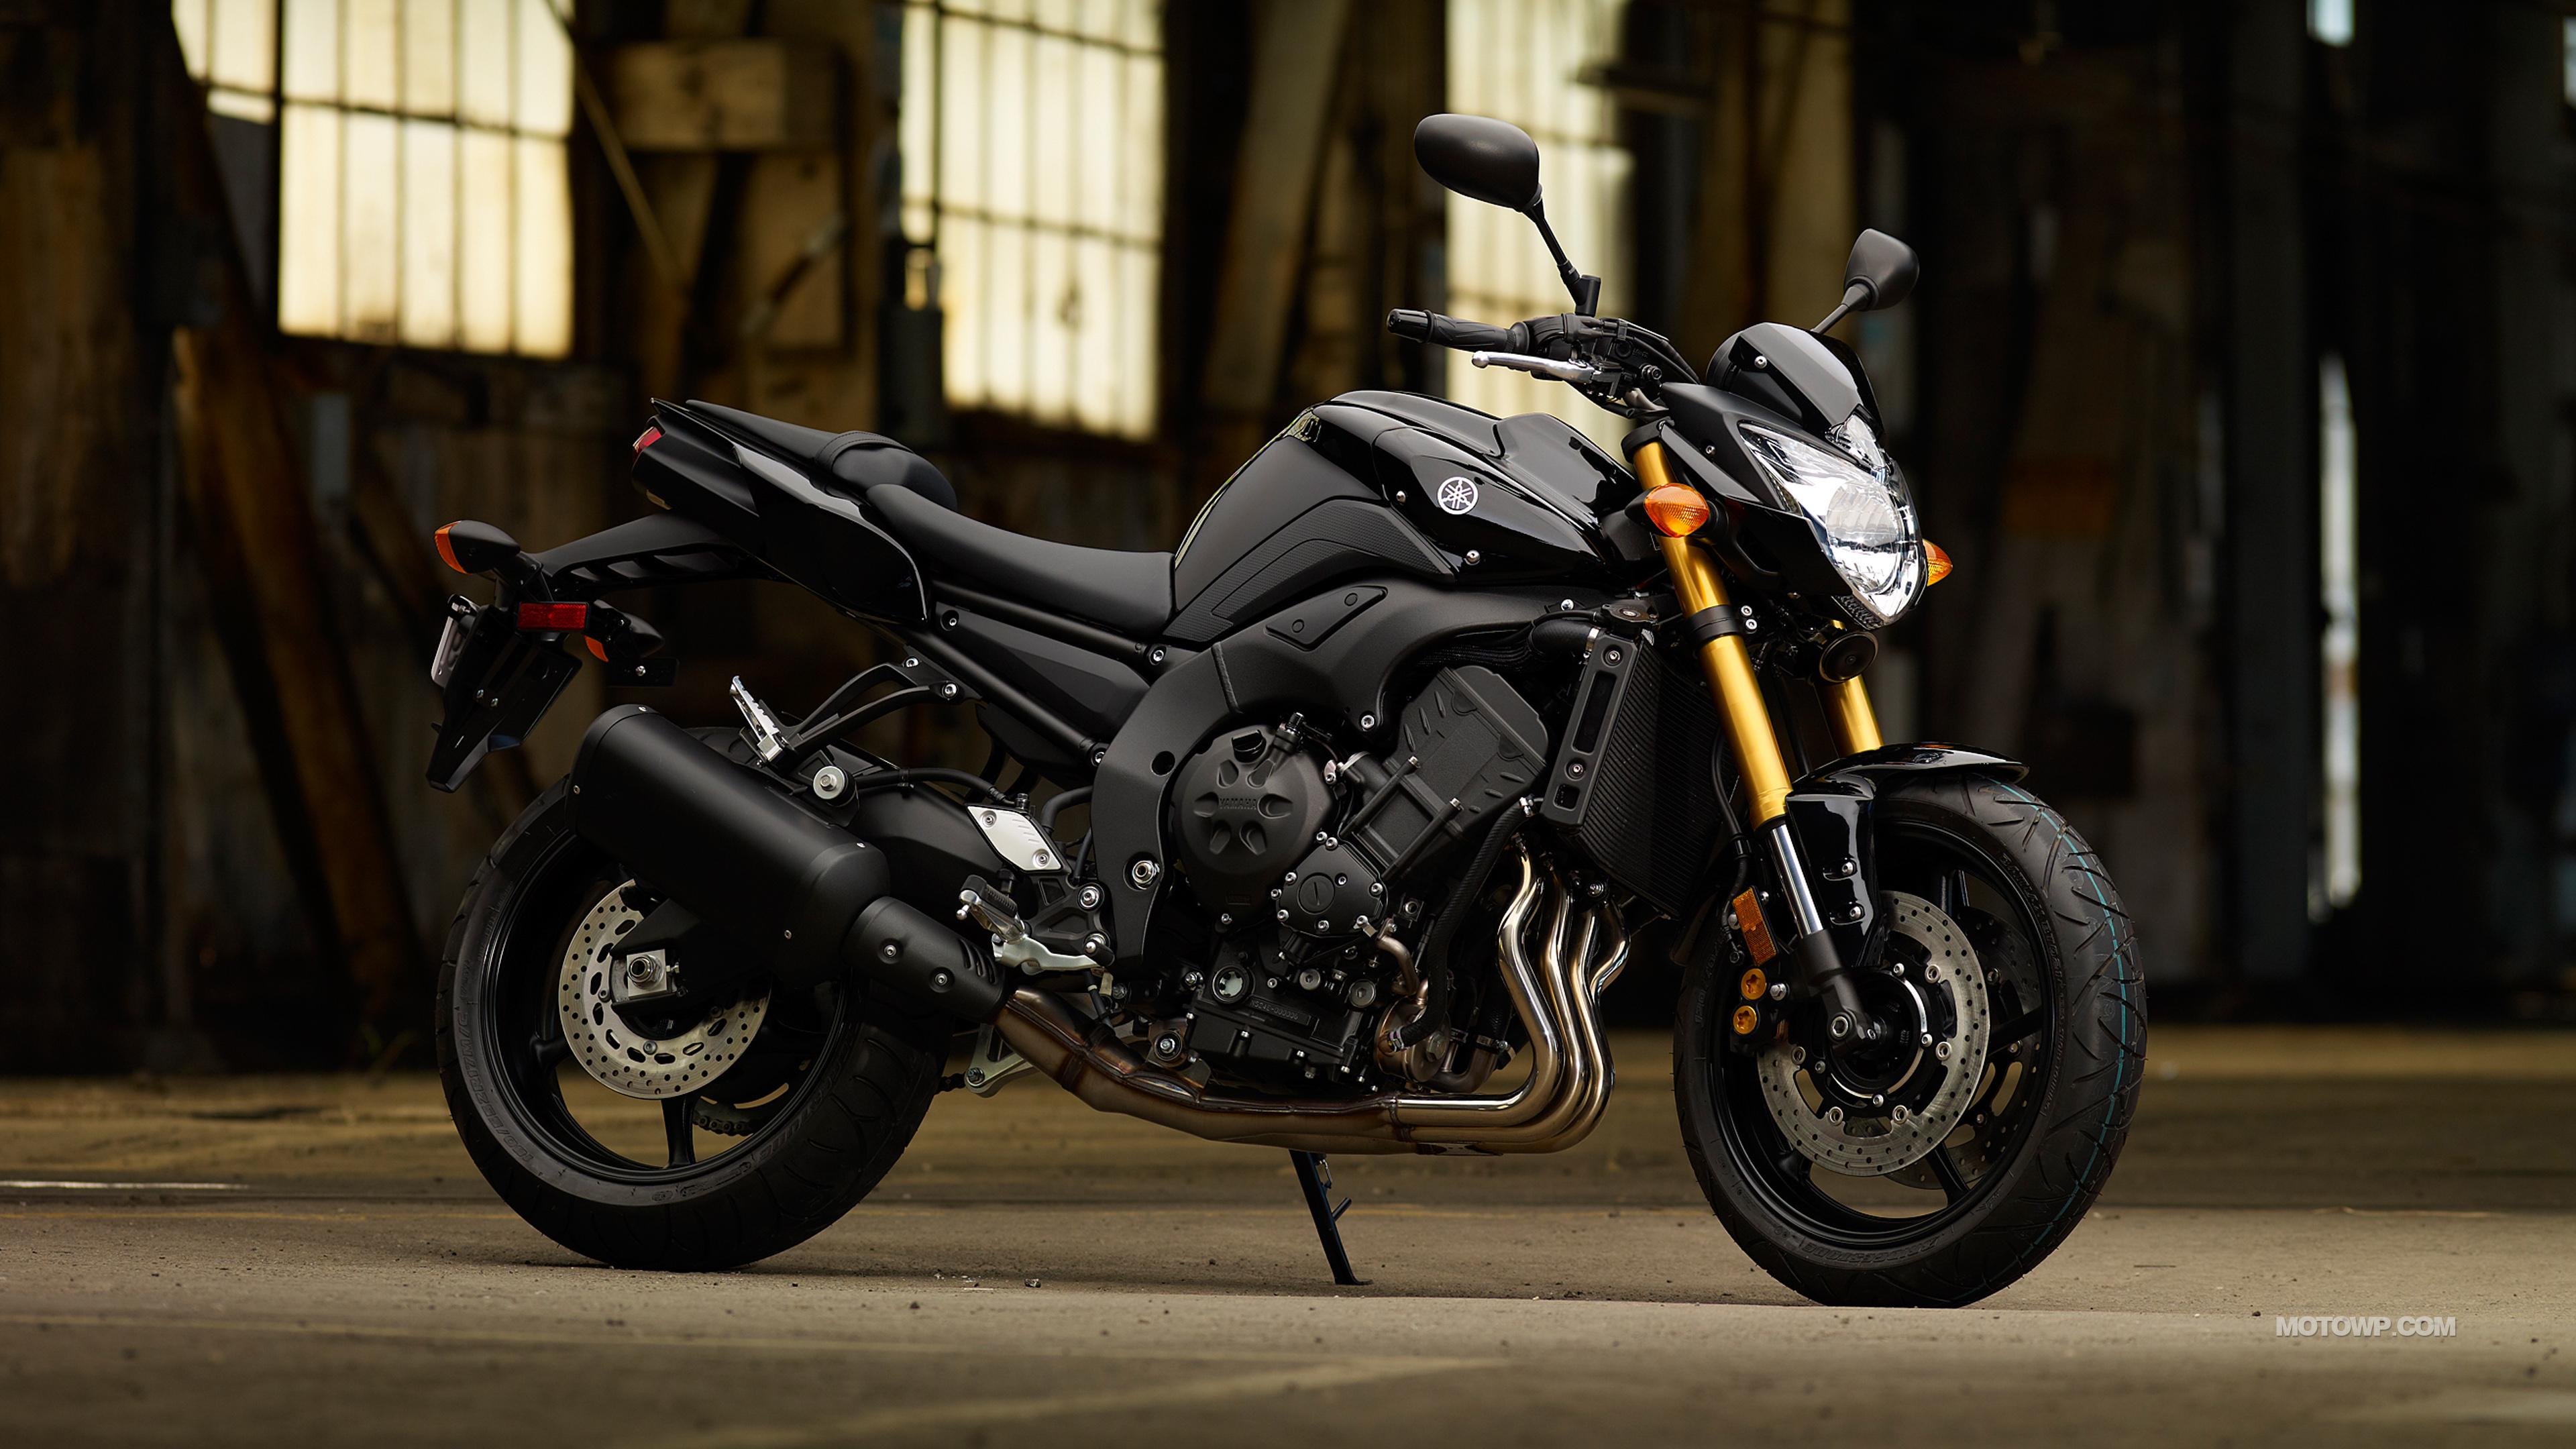 Motorcycles desktop wallpapers Yamaha FZ8   2011 3840x2160